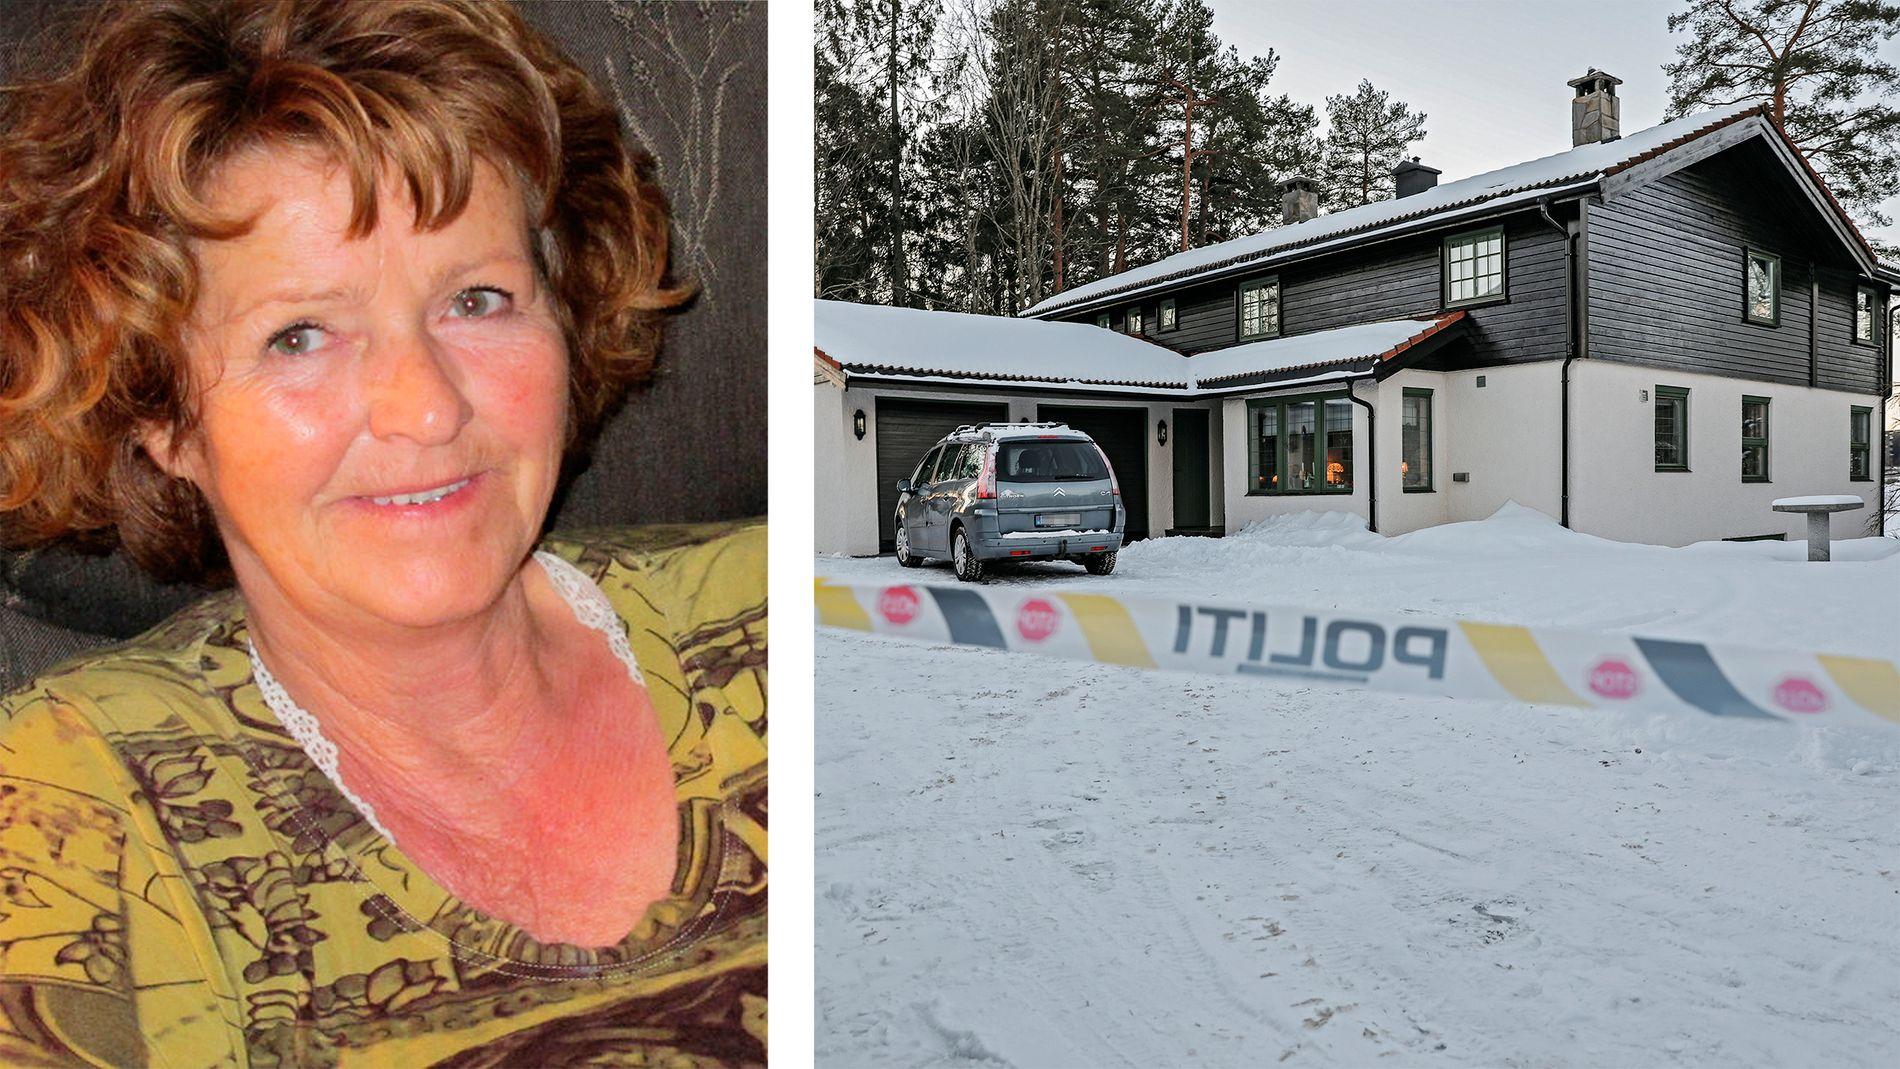 SAVNET: Anne-Elisabeth Hagen har vært forsvunnet siden 31. oktober i fjor. Politiet mistenker at hun er kidnappet.